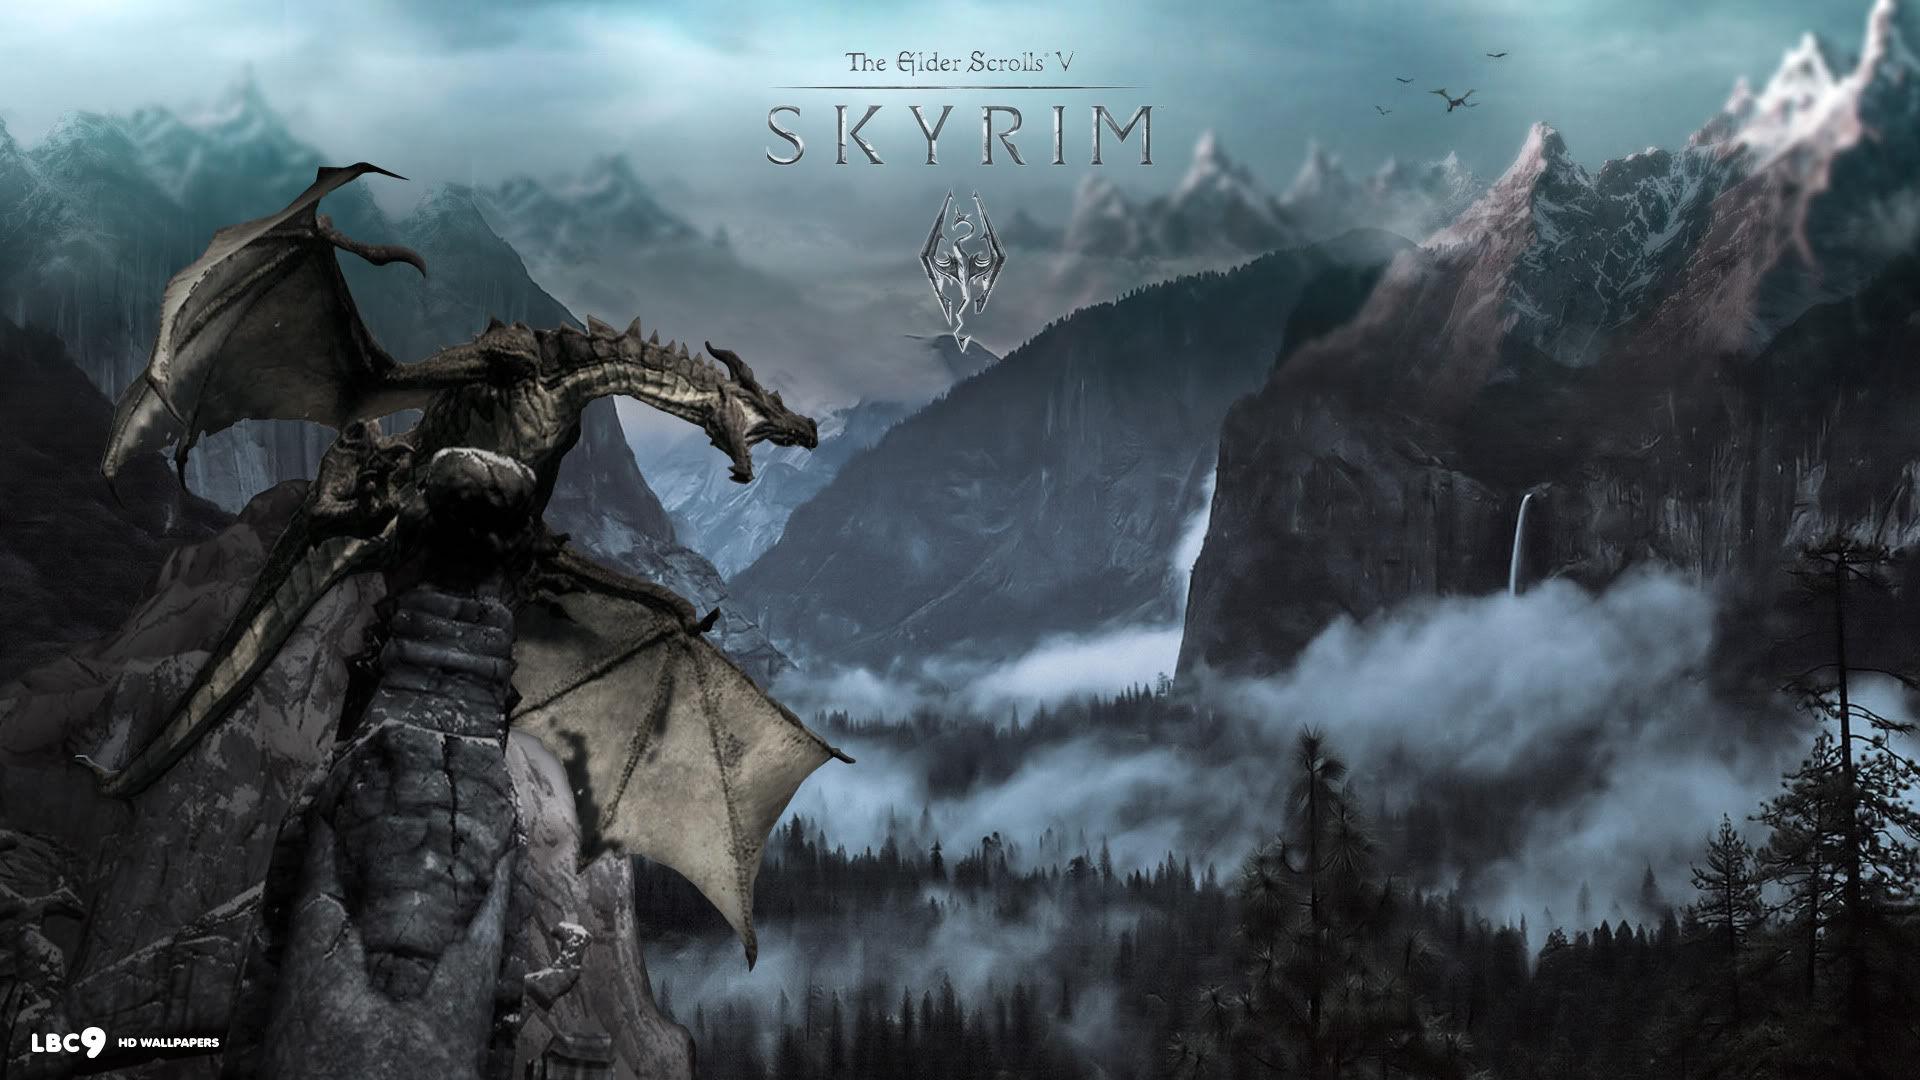 Drawn wallpaper skyrim Skyrim Dragon Dragon wallpaper Wallpaper